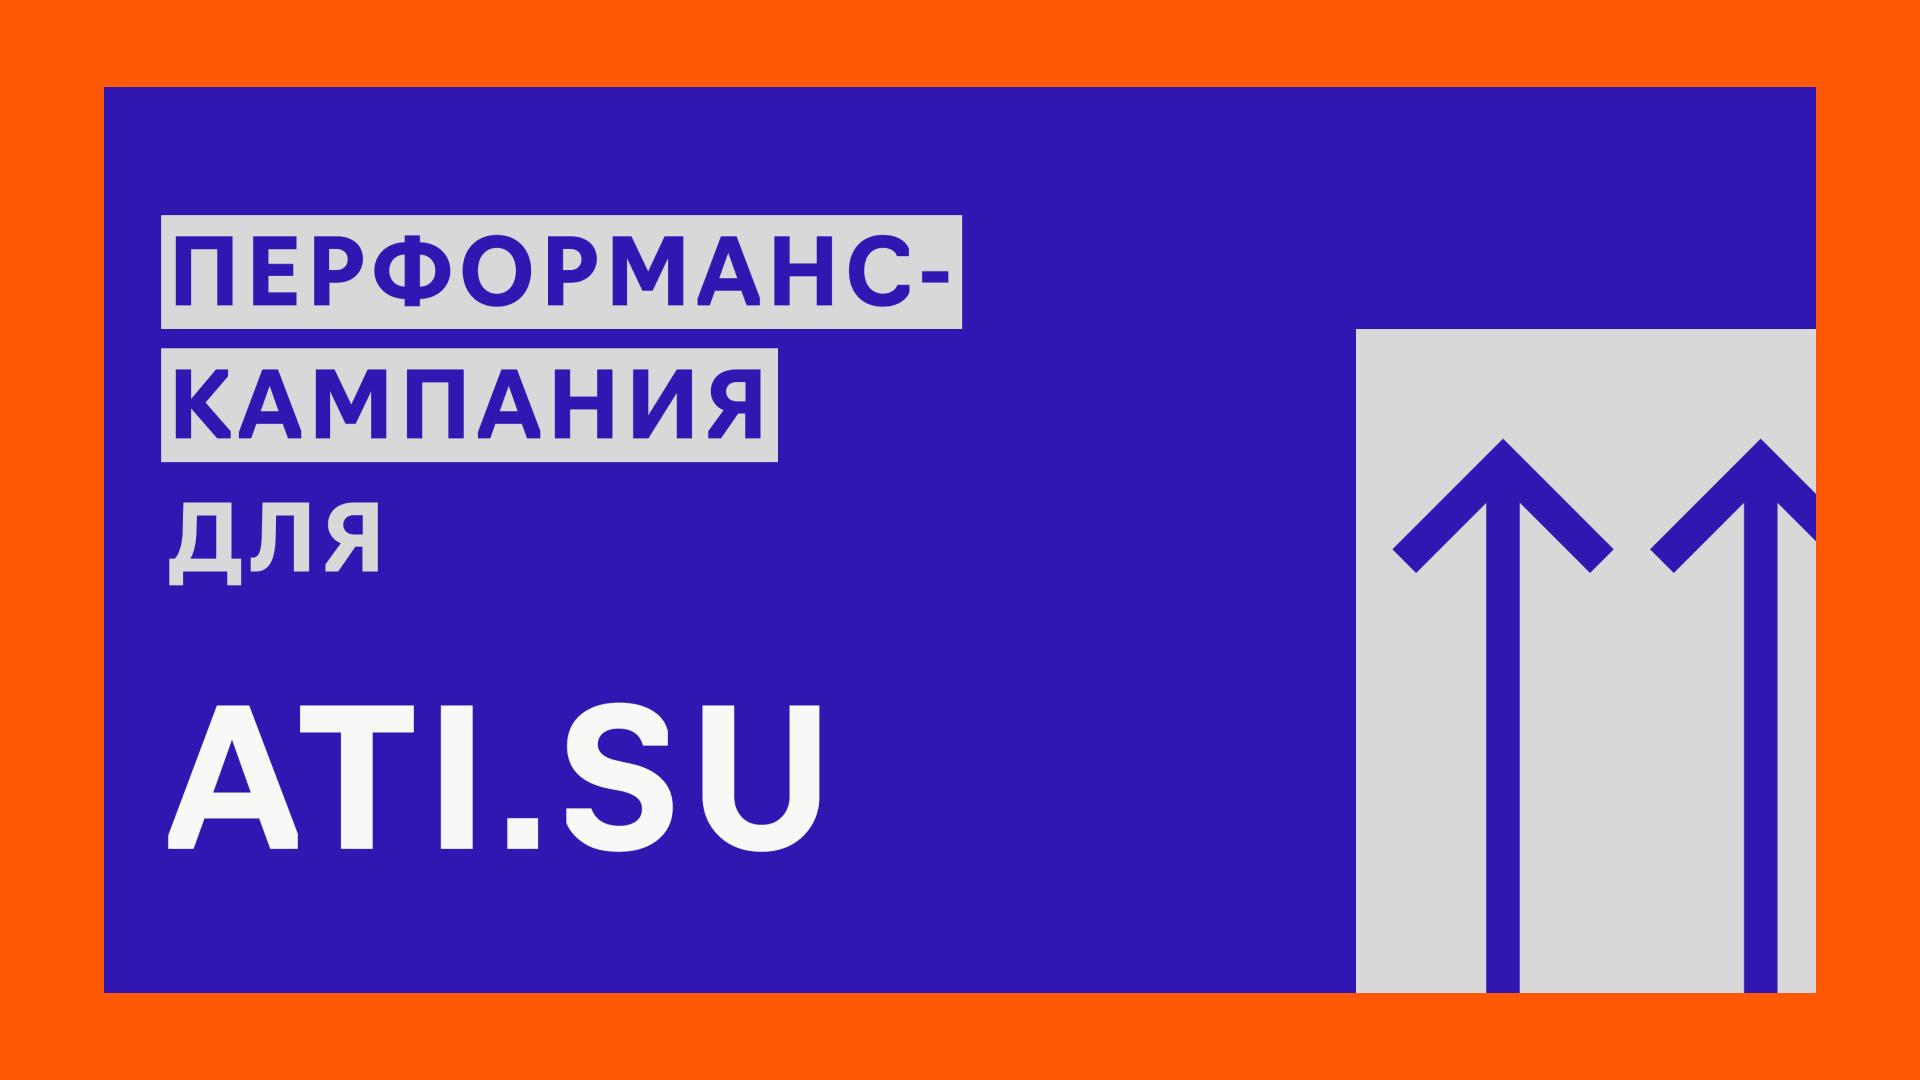 Перфоманс-кампания для крупнейшей биржи грузоперевозок в России ATI.SU